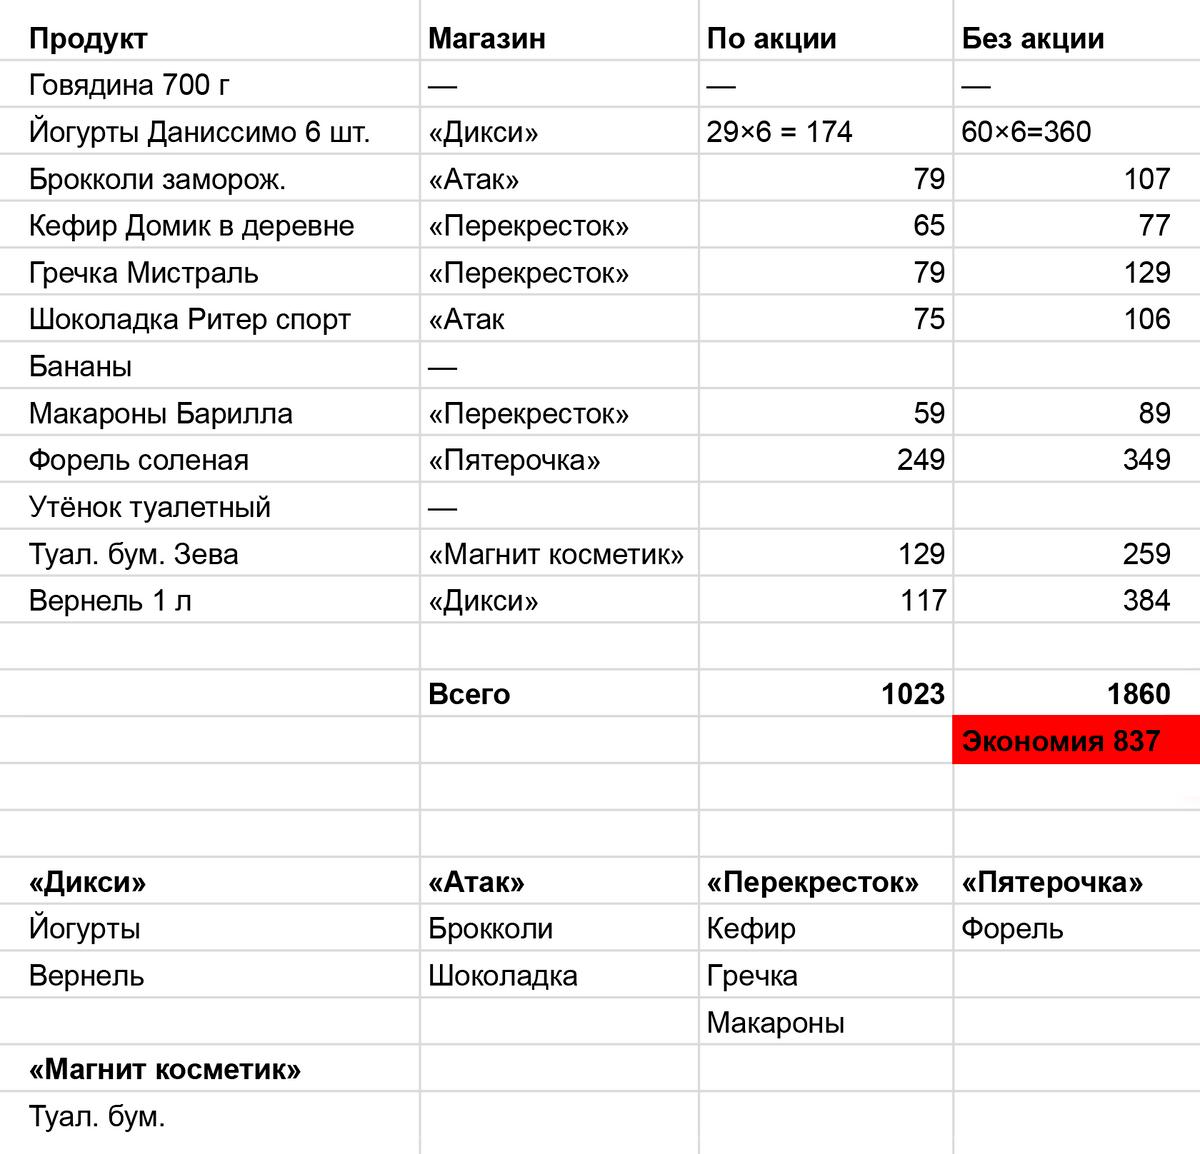 Продукты из этого списка мы купили в пяти разных магазинах и сэкономили 837<span class=ruble>Р</span>. Но такие квесты бывают редко. Чаще наш список короче, и мы обходим 2—3 супермаркета за день